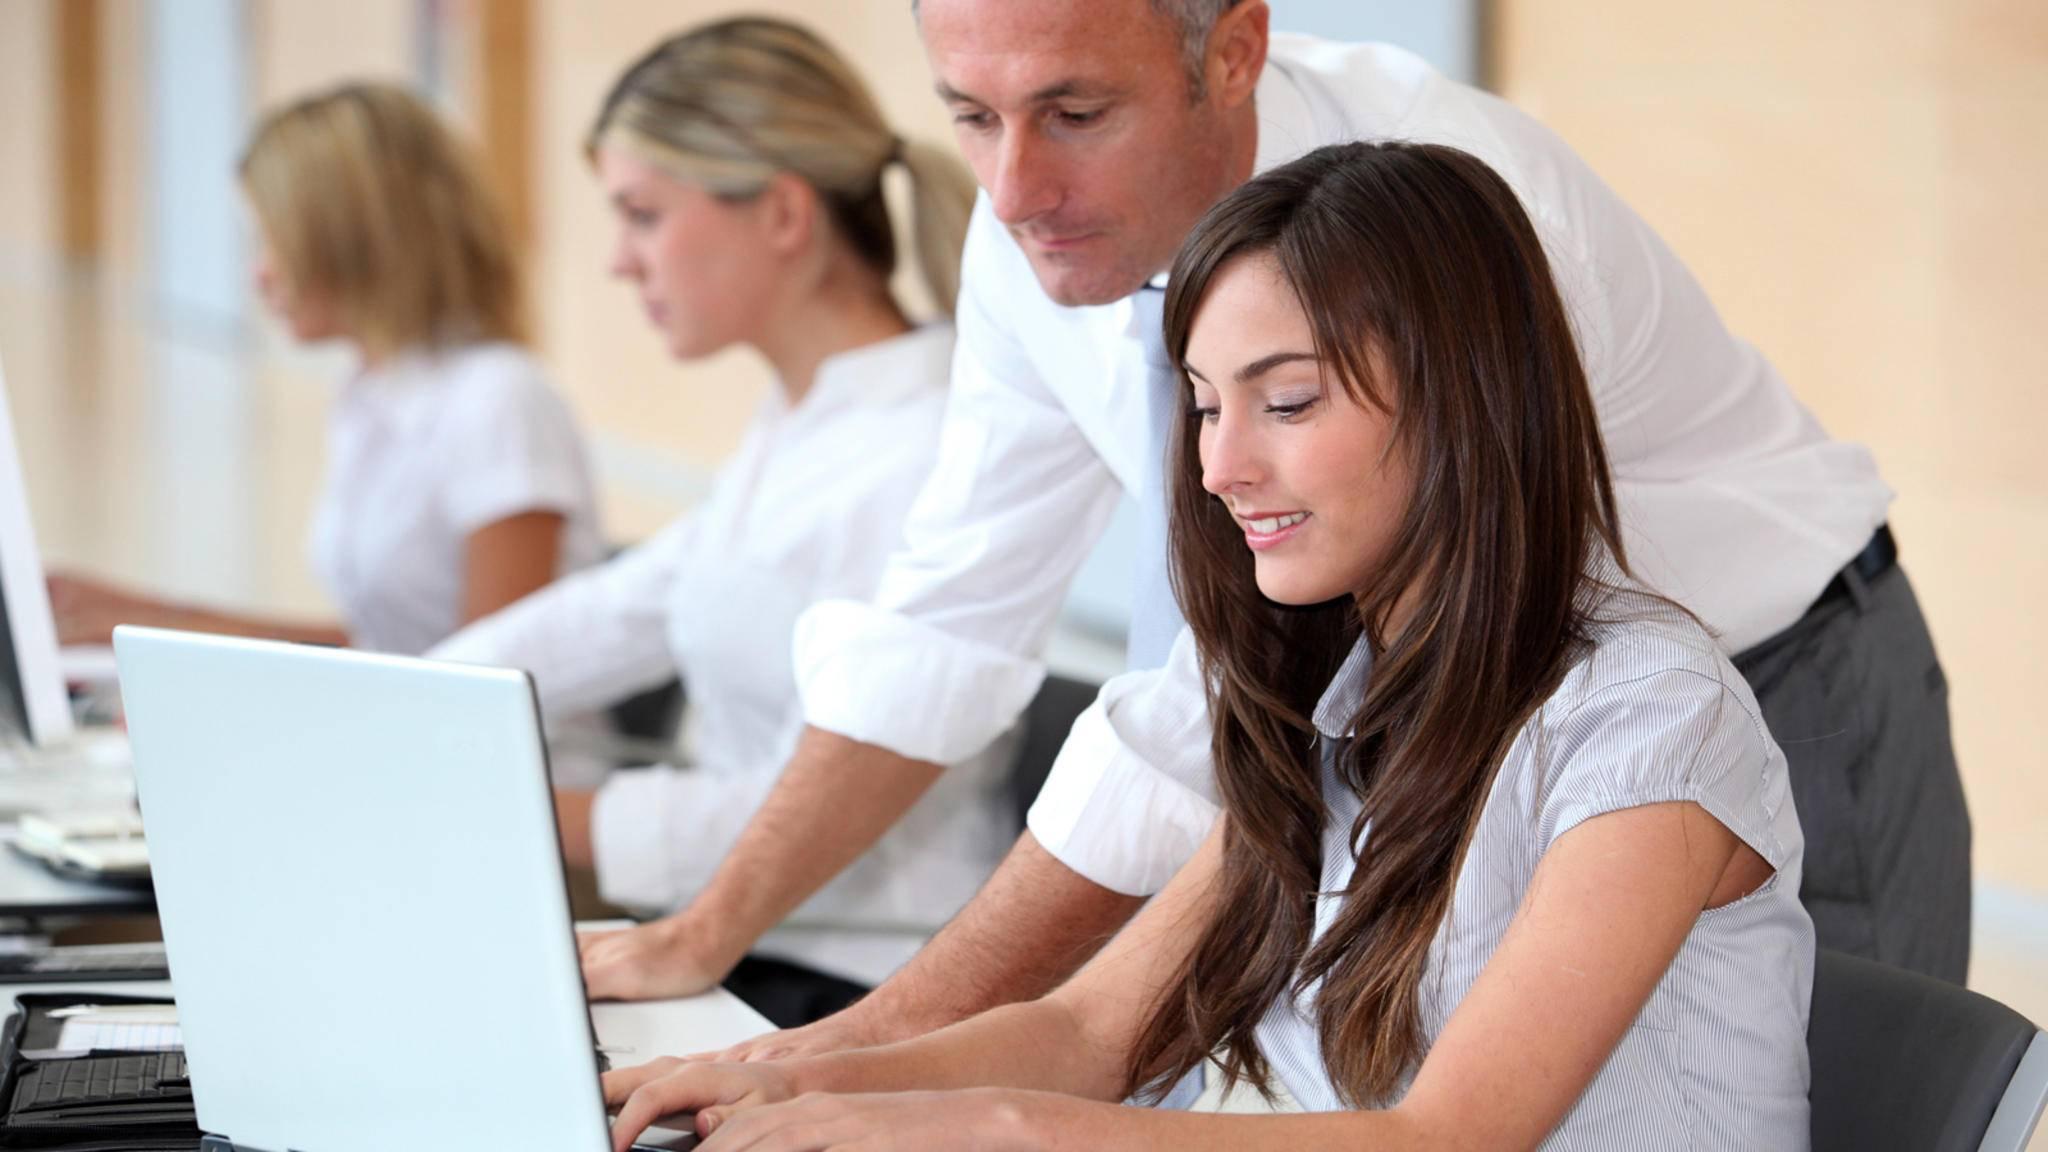 In einigen Unternehmen wird auch von Praktikanten viel erwartet – das zeigt sich dann allerdings auch im Gehalt.